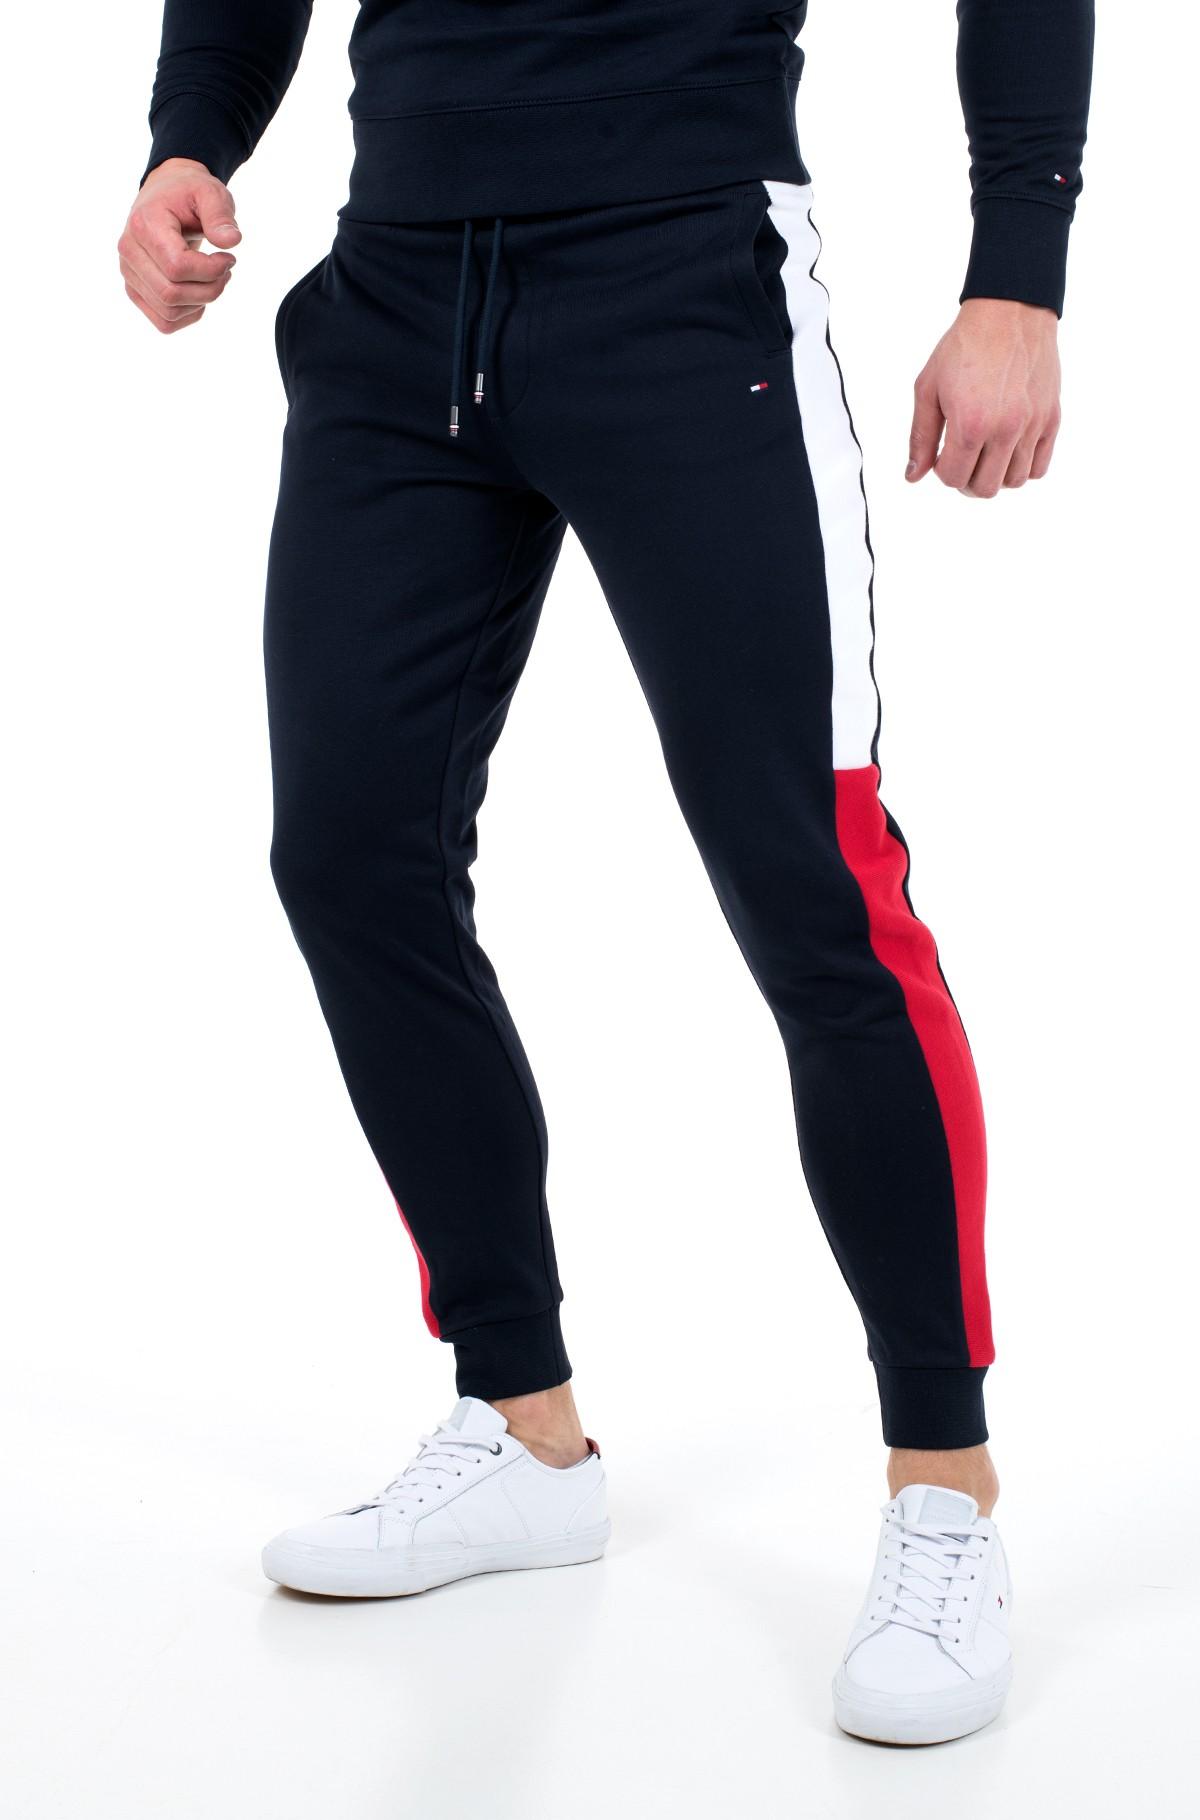 Sportinės kelnės INTARSIA SWEATPANTS-full-1